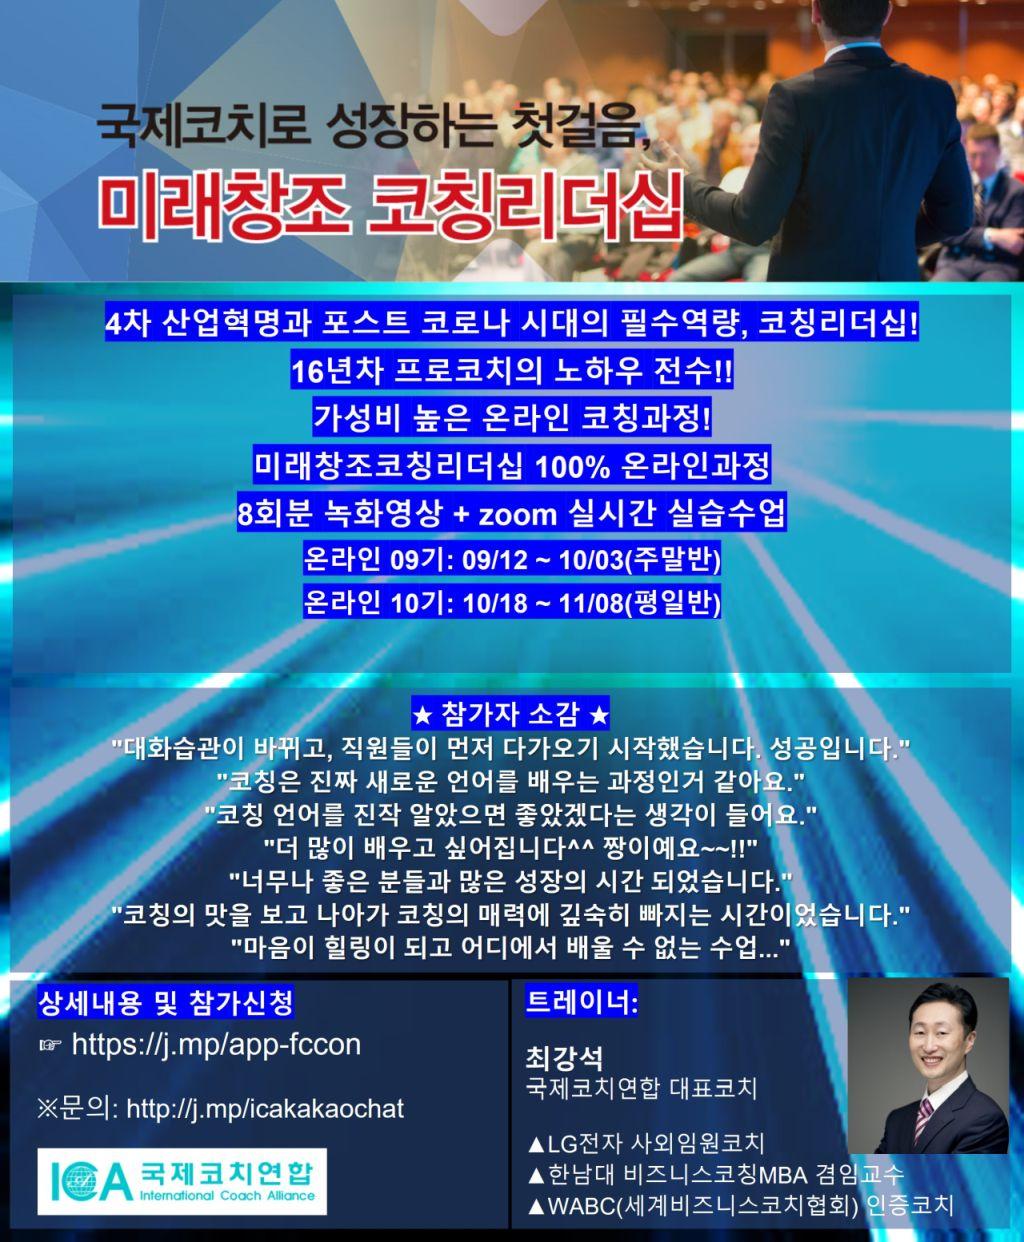 미래창조코칭리더십 온라인 9기 개강(09/12)!!